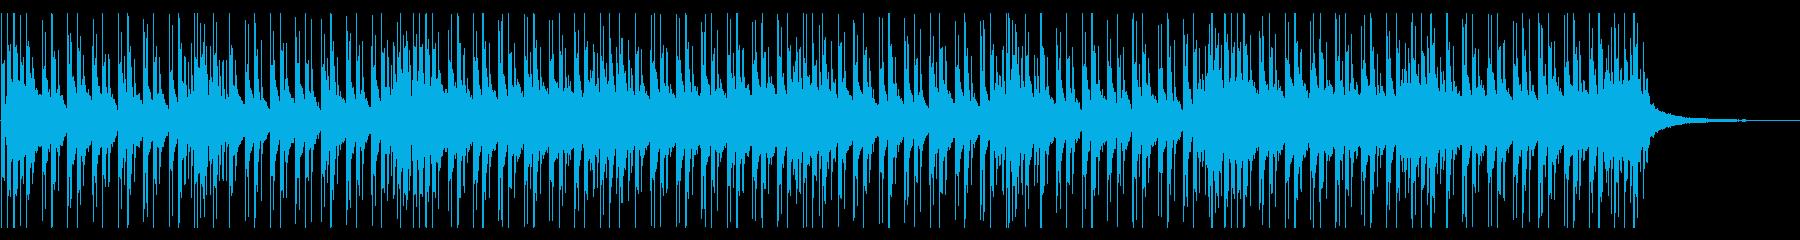 疾走感・勢いのあるソロドラムの再生済みの波形